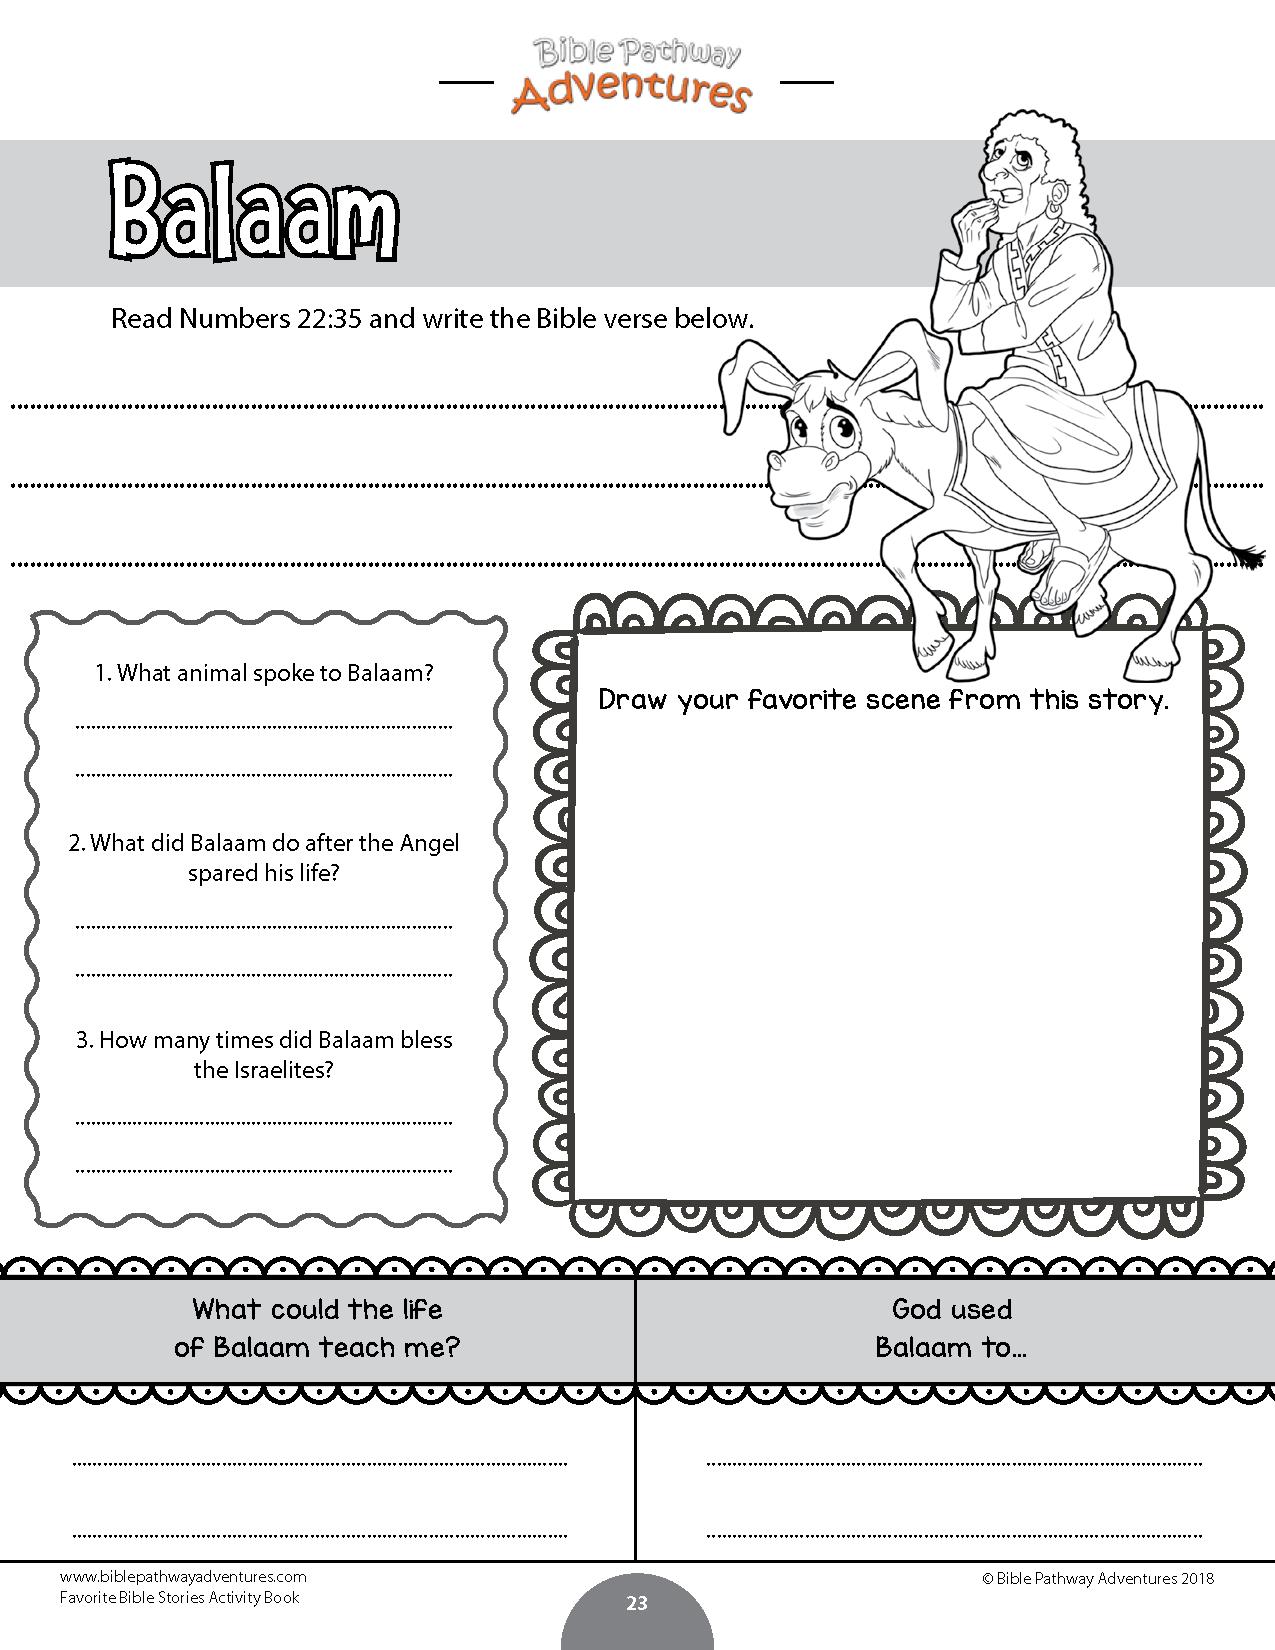 Favorite Bible Stories Coloring Activity Book Bible Stories For Kids Bible Study For Kids Sunday School Worksheets [ 1650 x 1275 Pixel ]